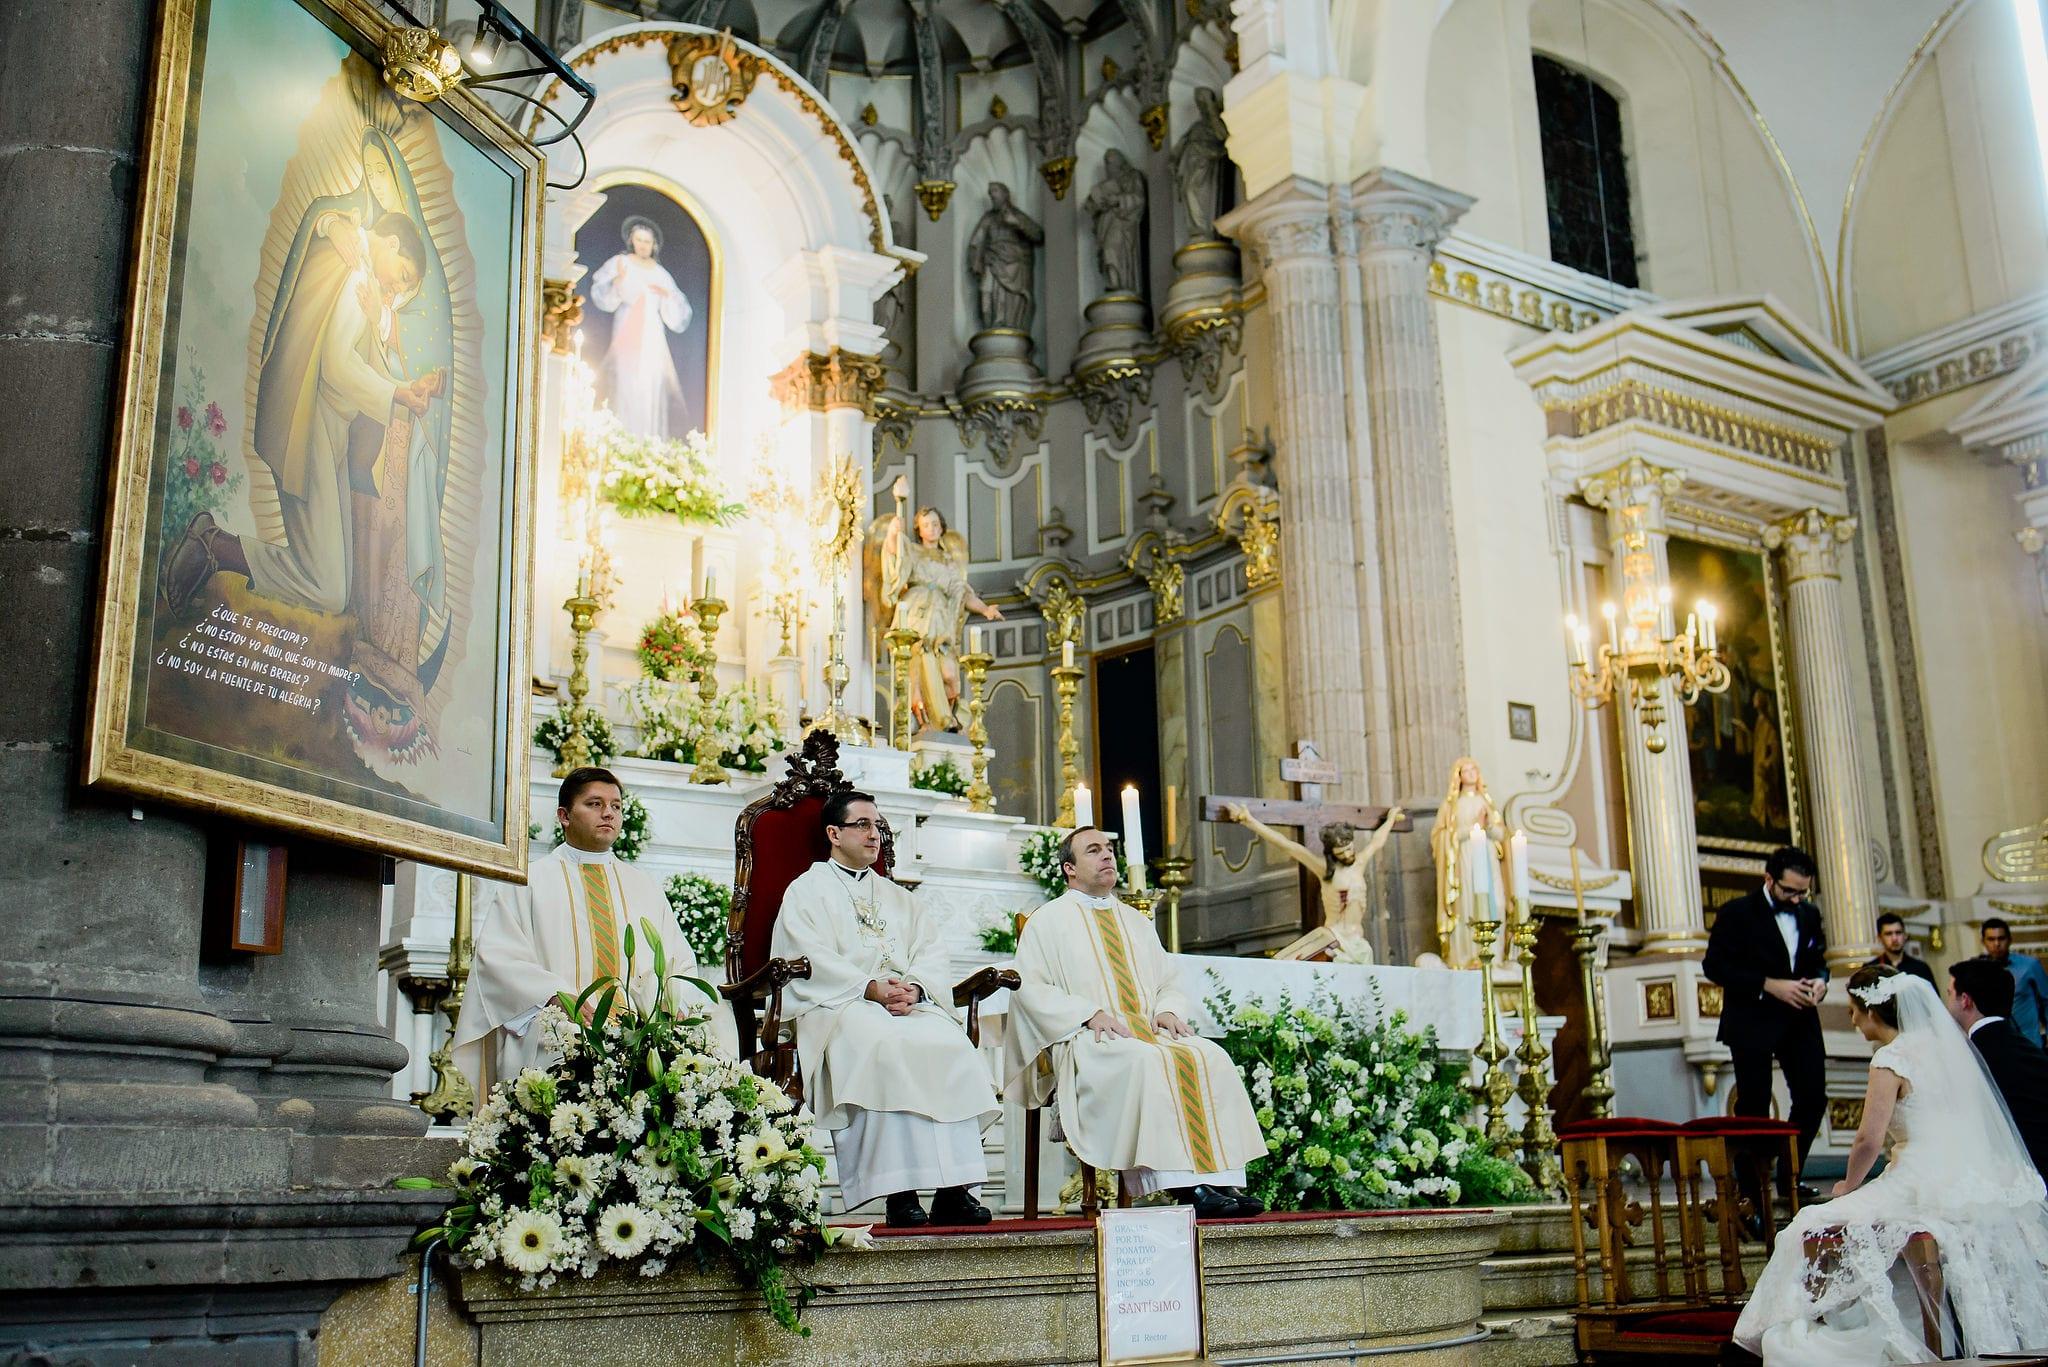 bodas-en-puebla-museo-de-san-pedro-la-compañia-0880